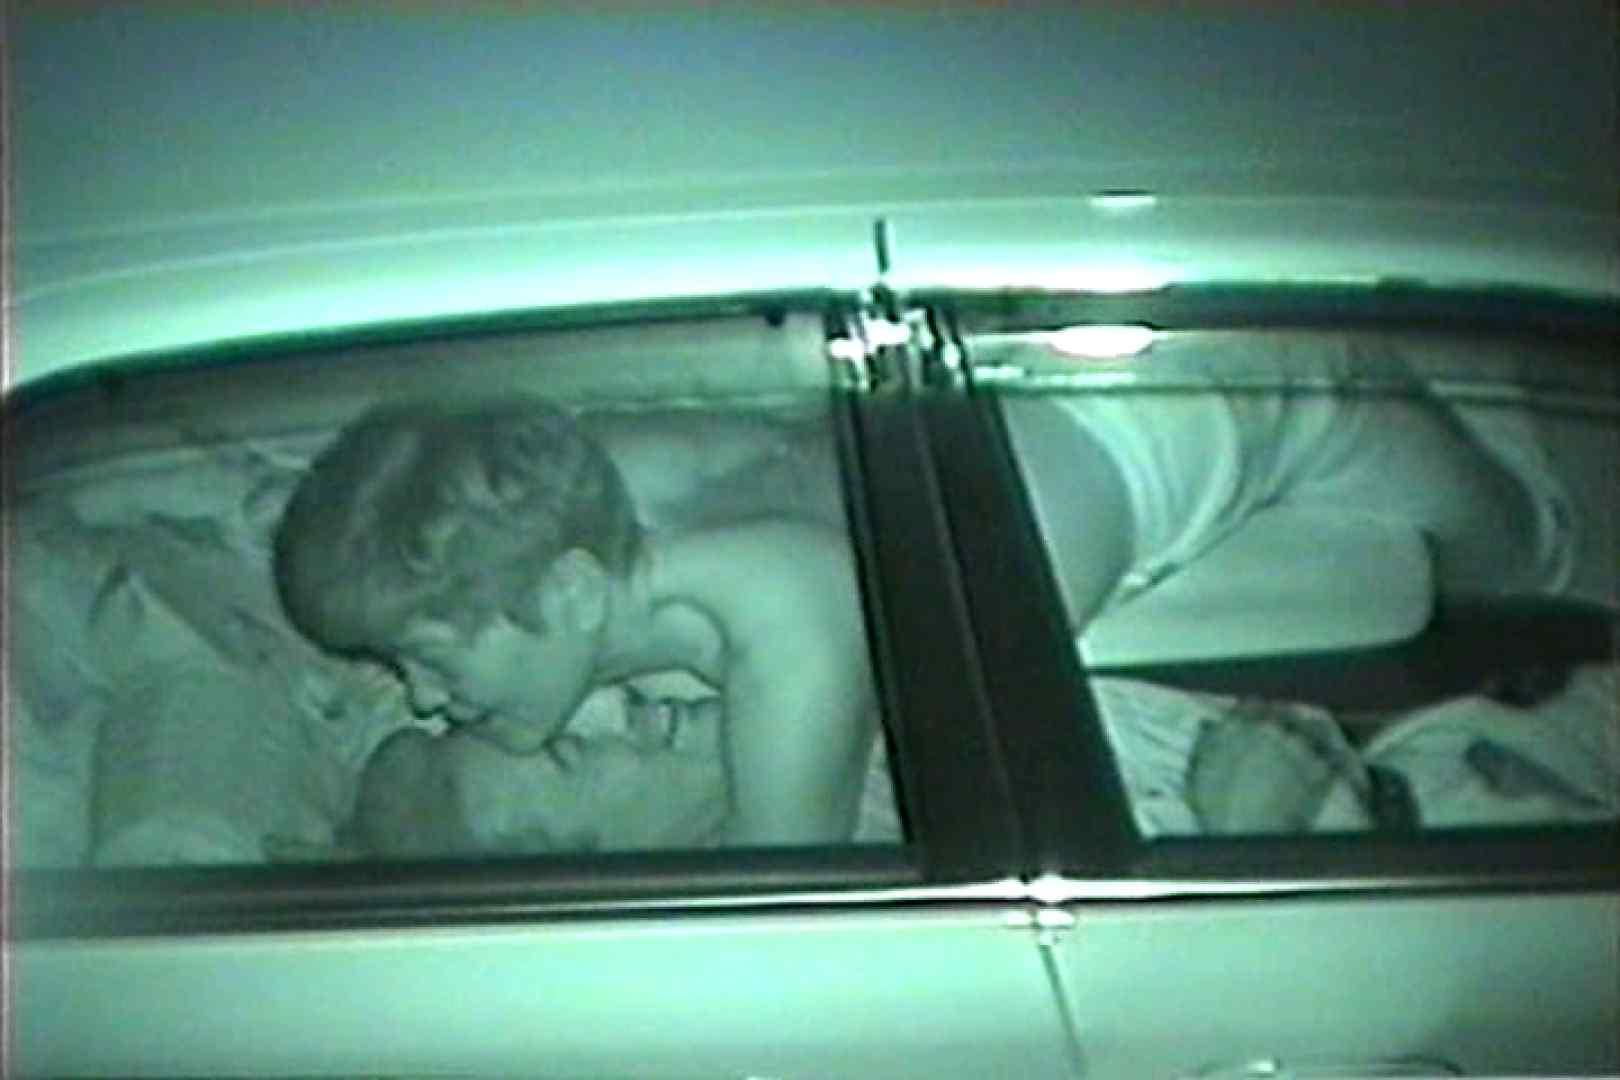 車の中はラブホテル 無修正版  Vol.28 車 おめこ無修正動画無料 79画像 57